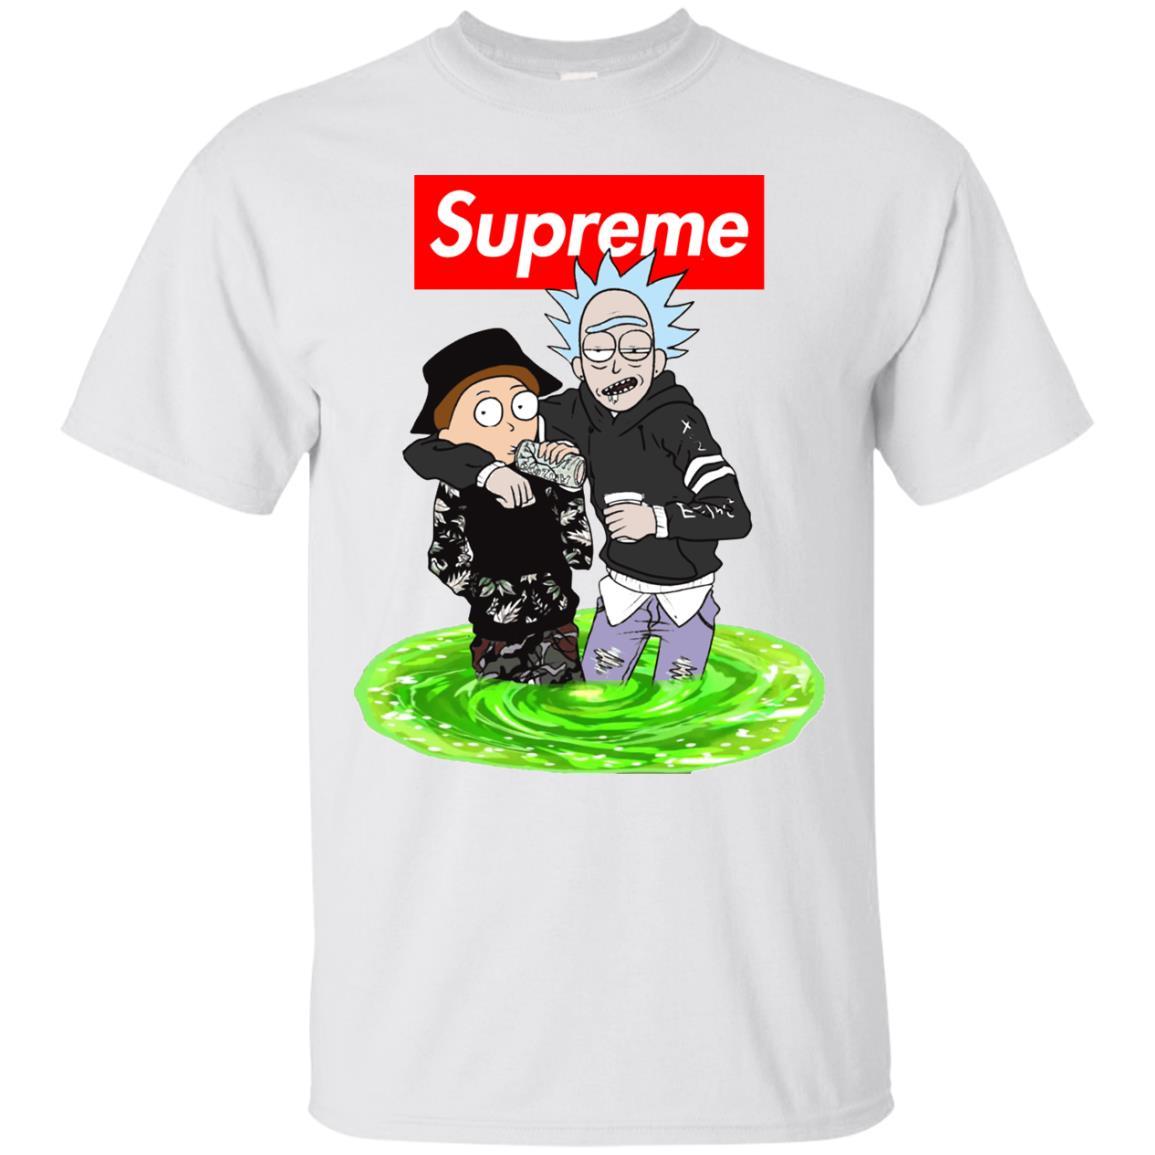 50fcbdaa5 Top Images for Rick and Morty Supreme Shirt on picsunday.com. 16 04 2019 to  05 10